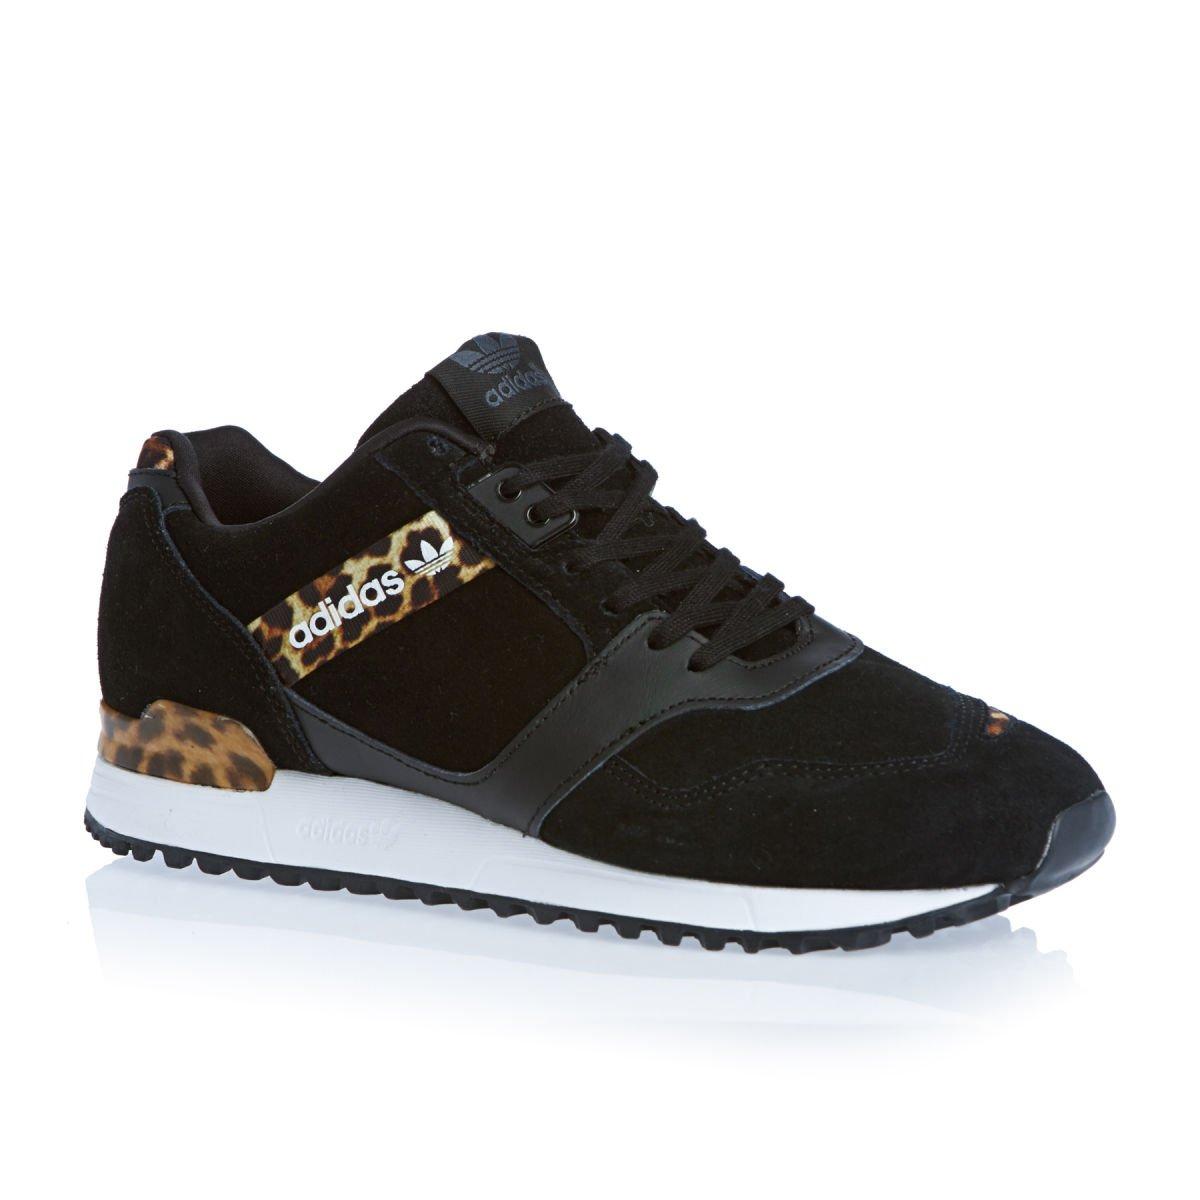 835bacc44 adidas Originals Women s ZX 700 Contemp W Fashion Black Size  5   Amazon.co.uk  Shoes   Bags